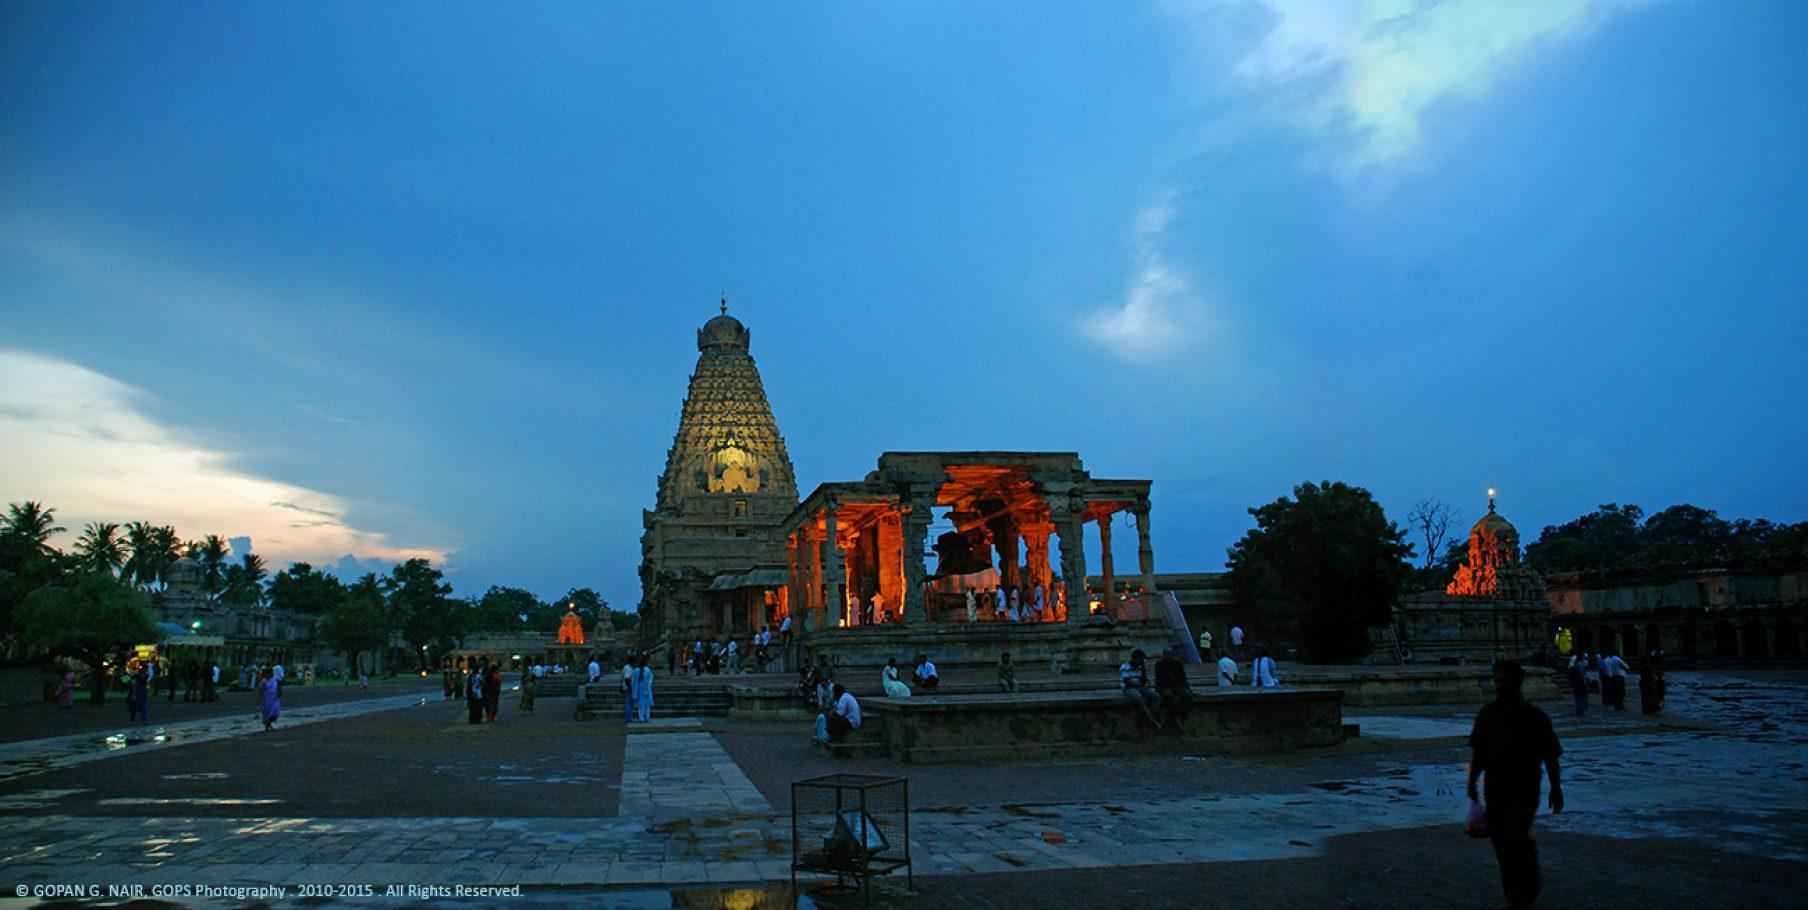 THE BIG TEMPLE, THANJAVUR, TAMIL NADU, INDIA